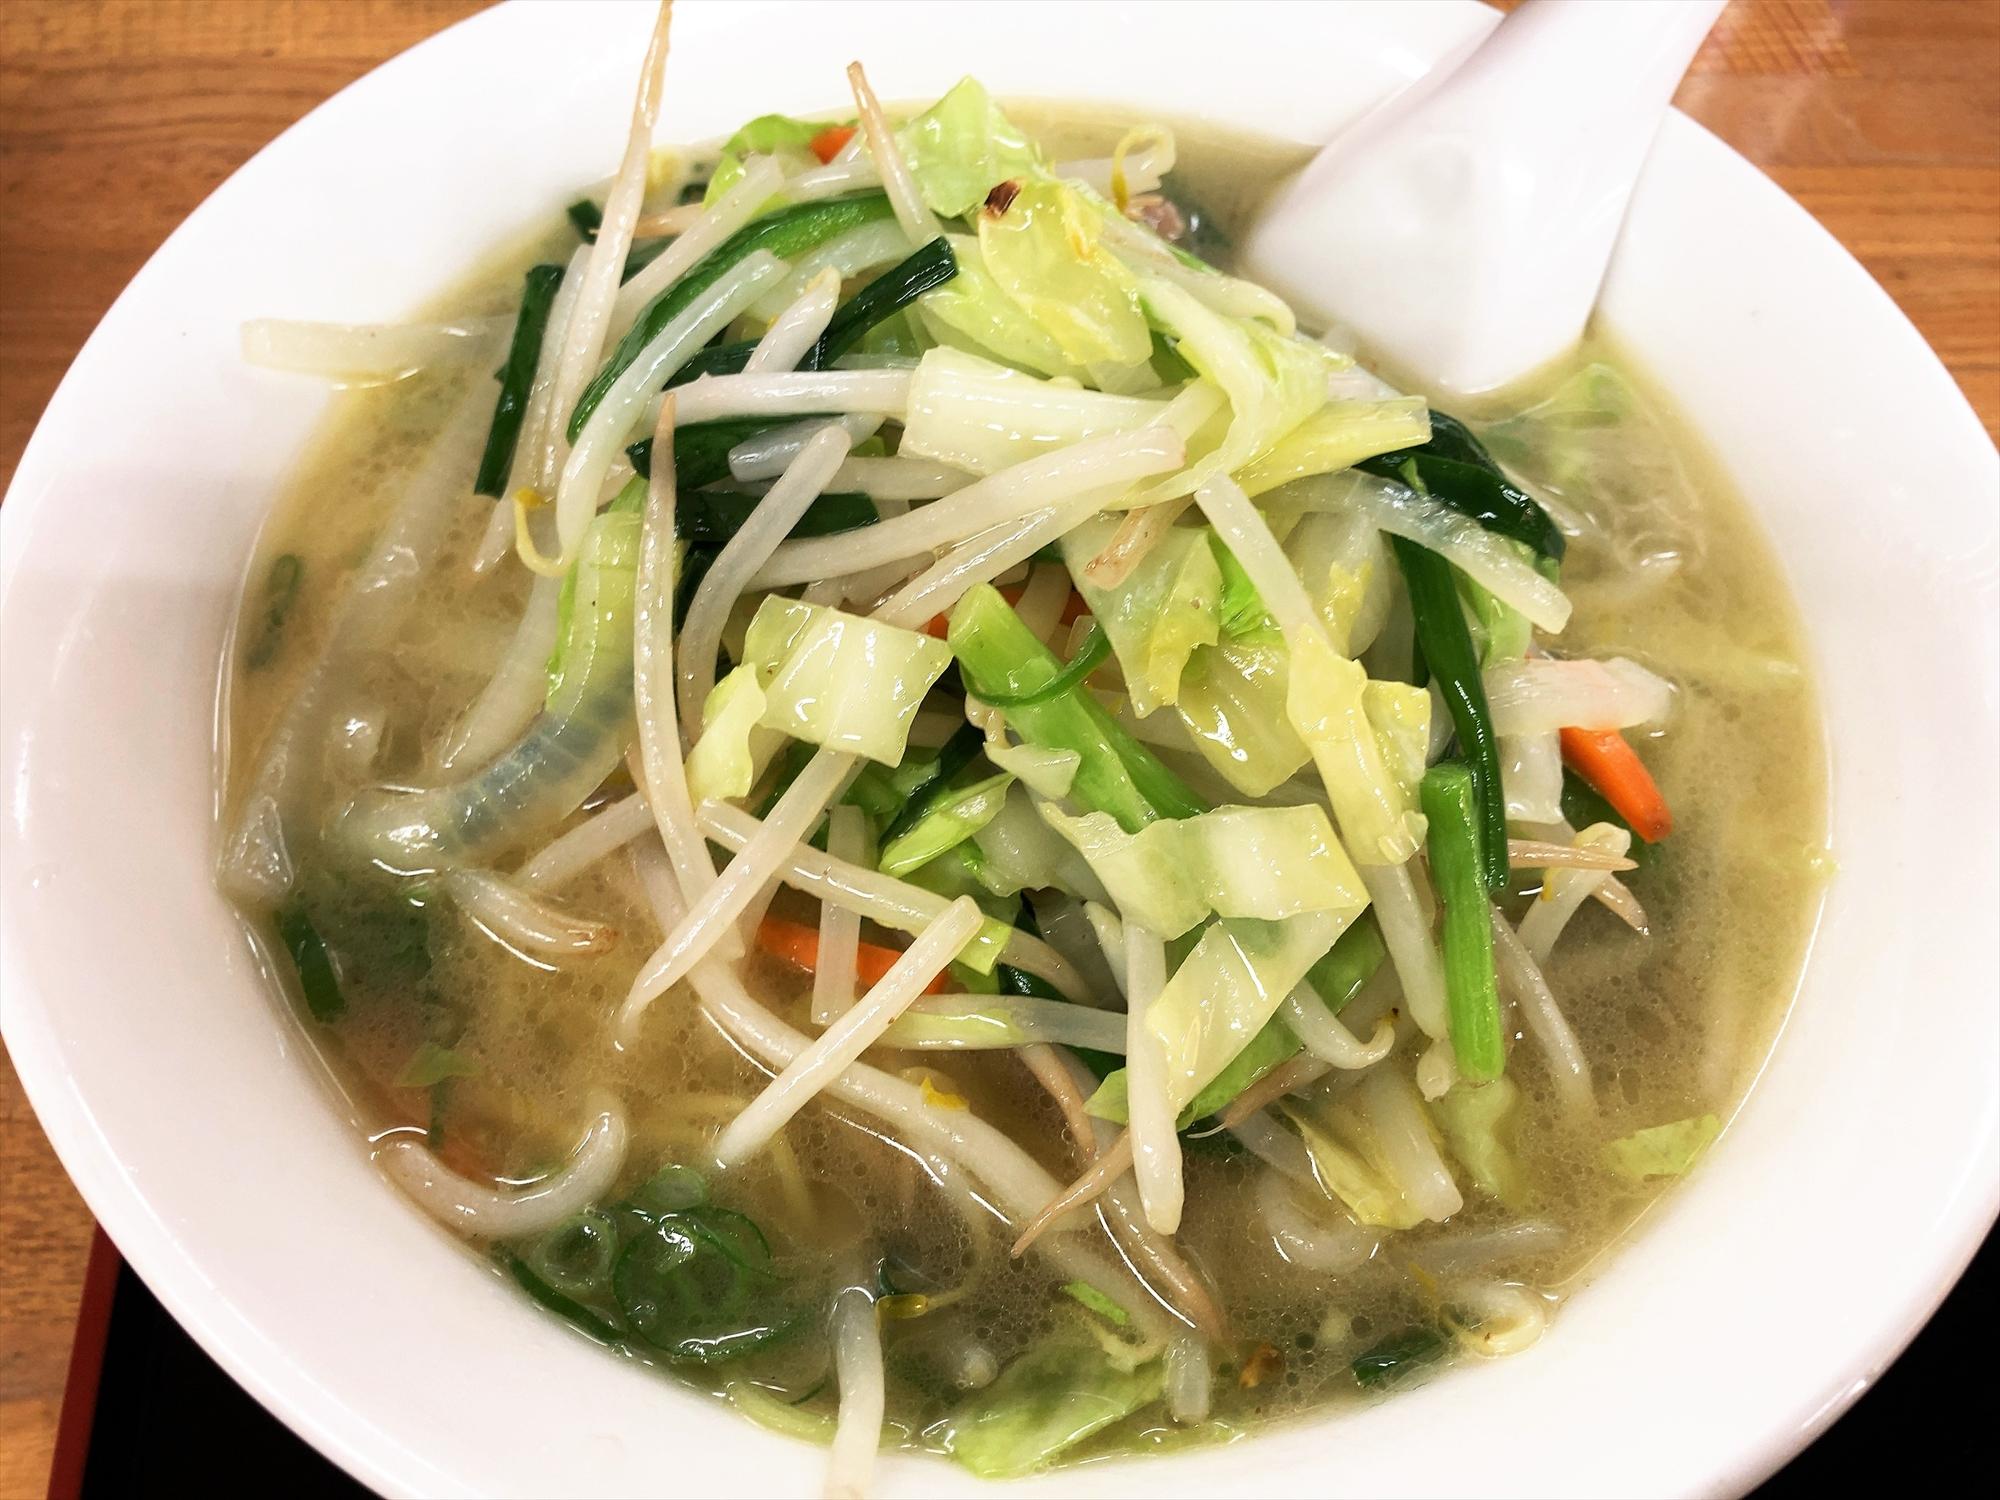 中華厨房 東風「塩野菜ラーメン」